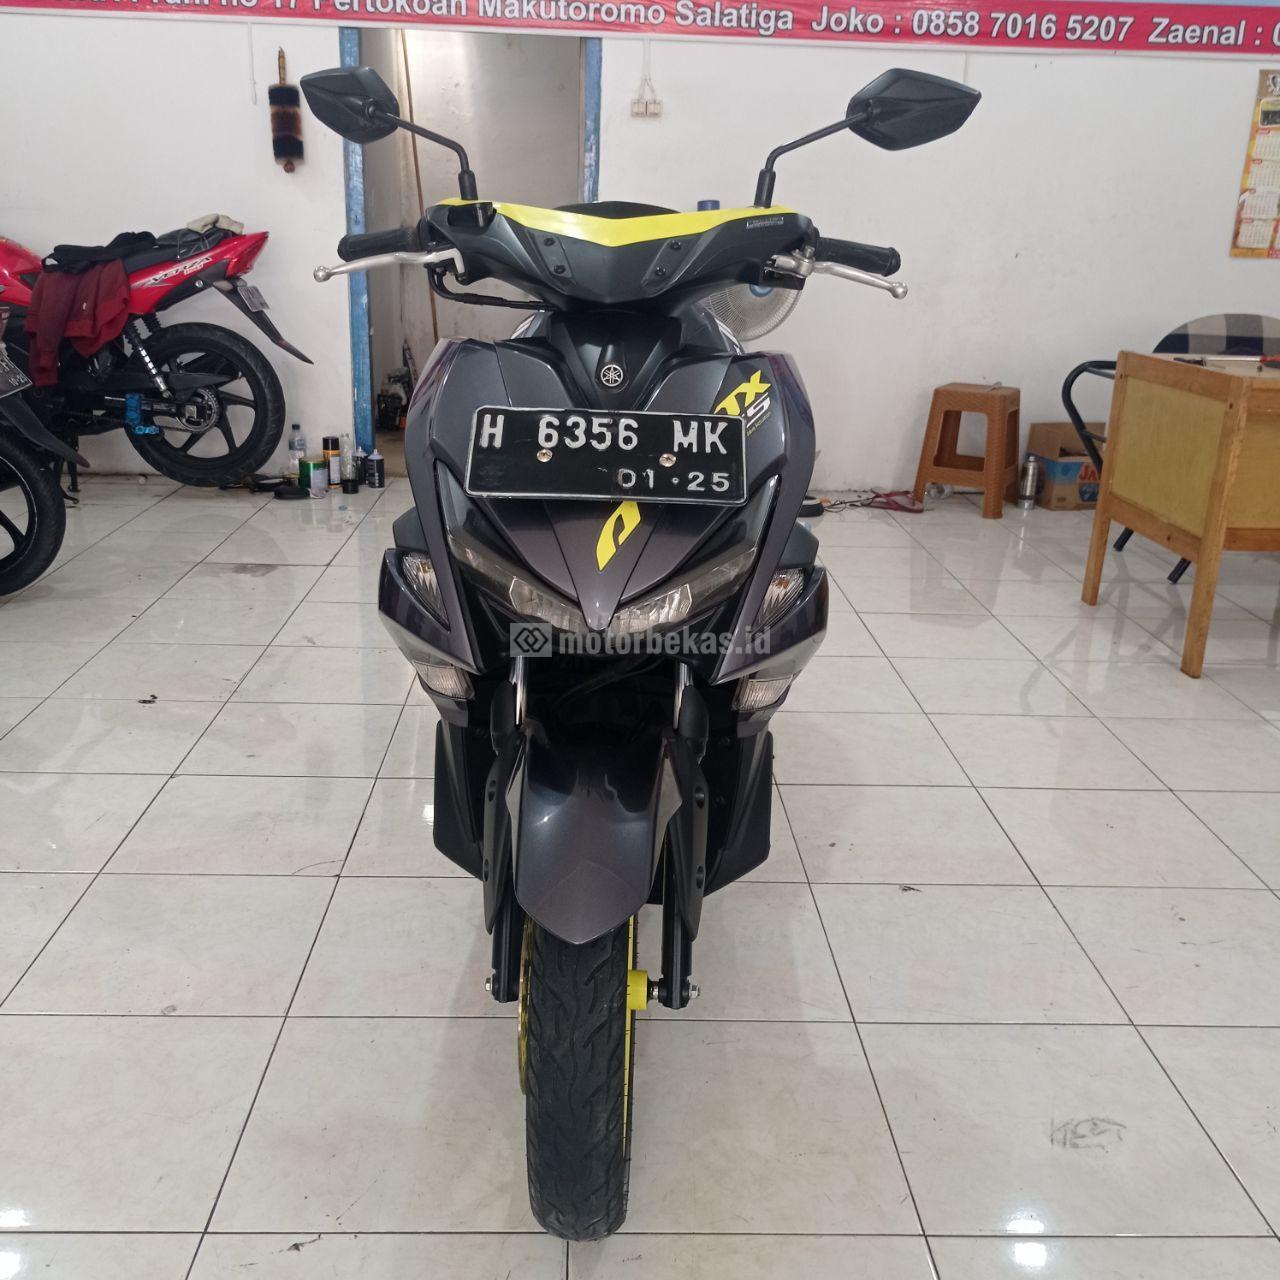 YAMAHA AEROX 155  768 motorbekas.id